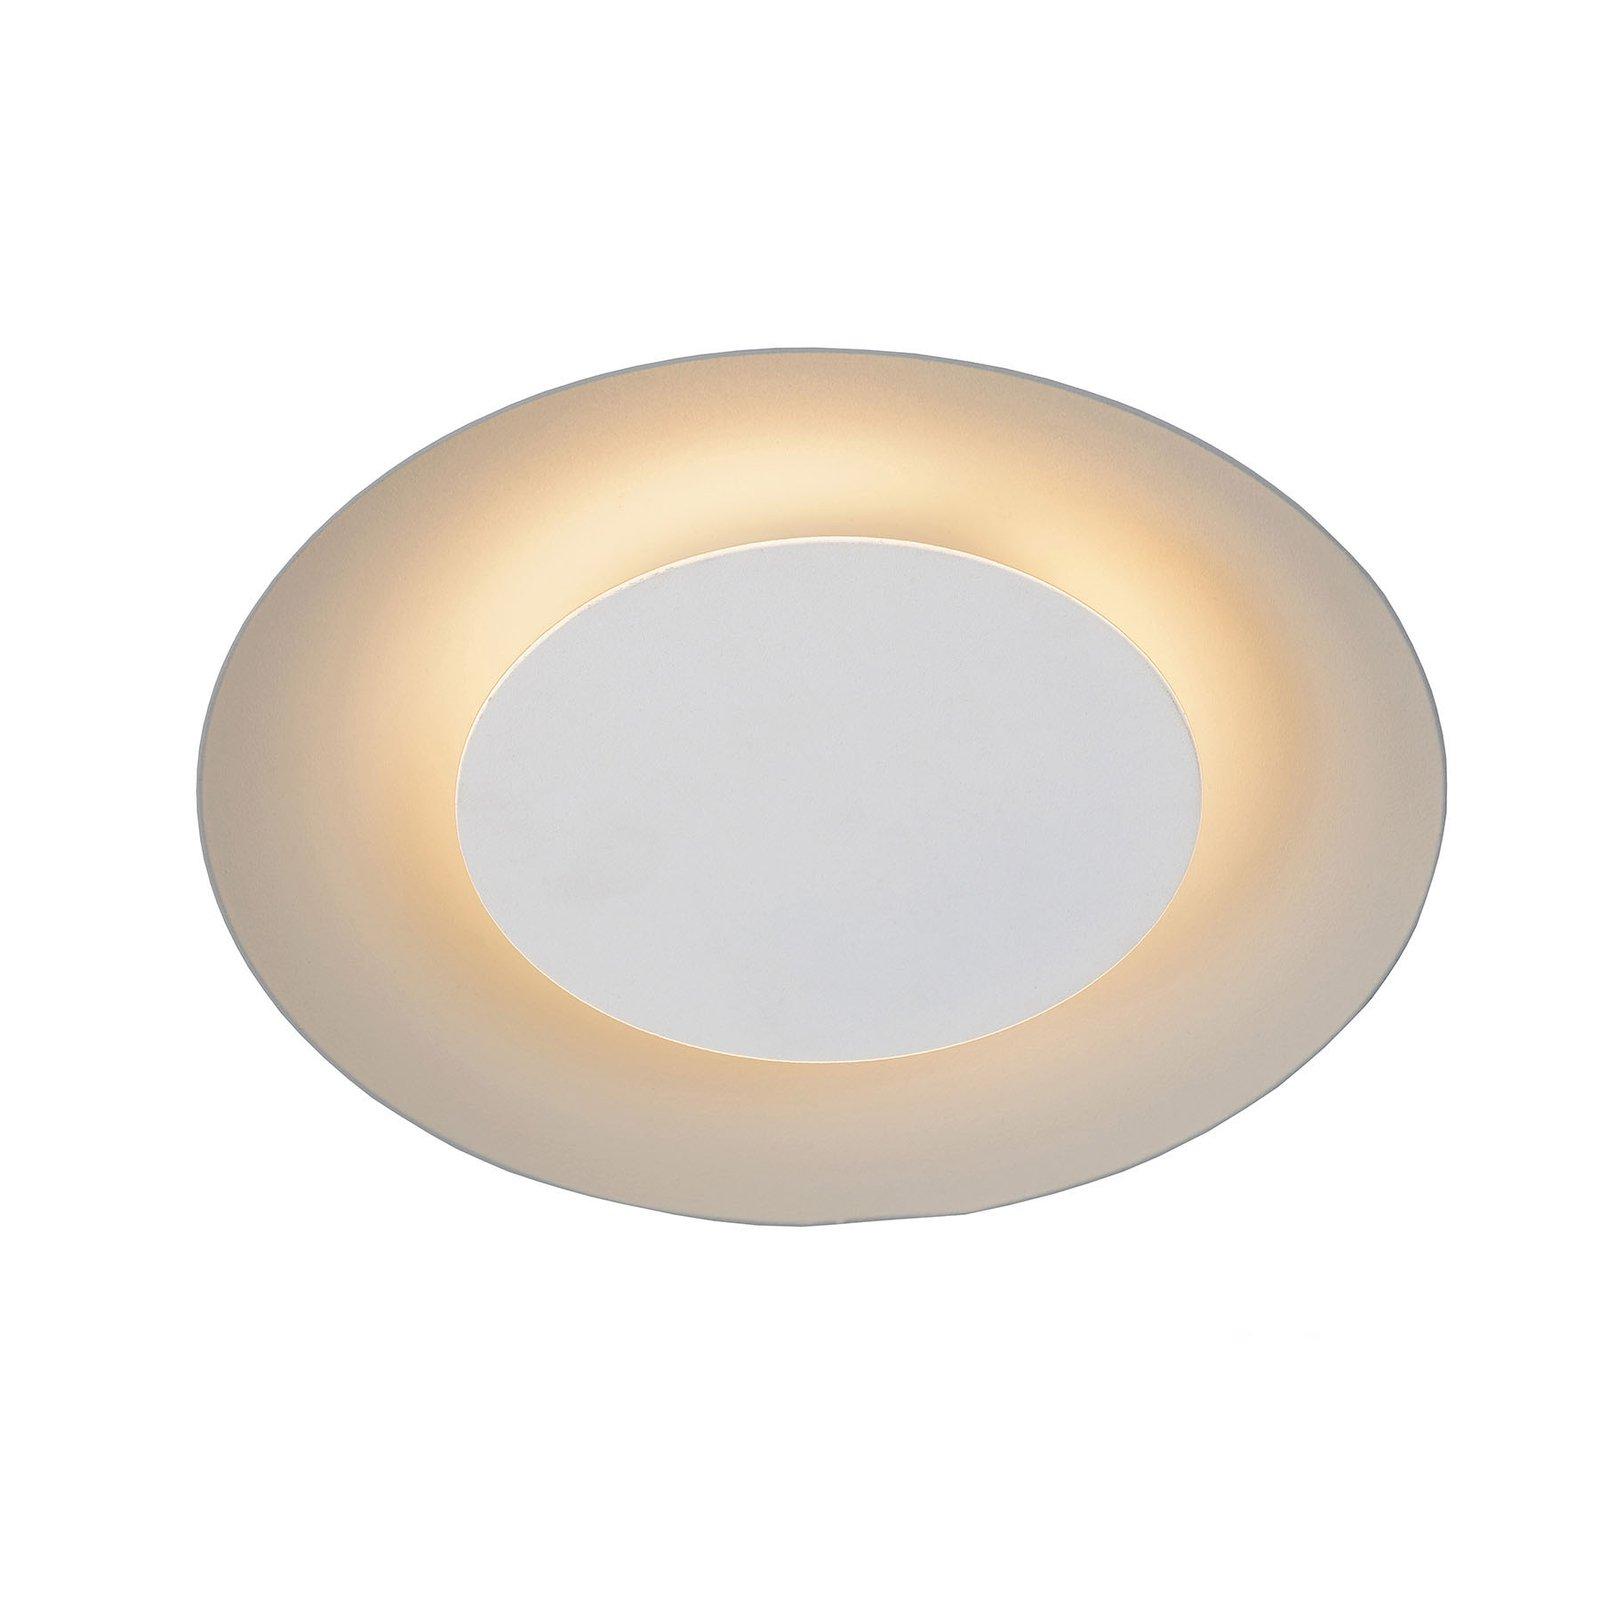 Foskal LED-taklampe i hvitt, Ø 21,5 cm